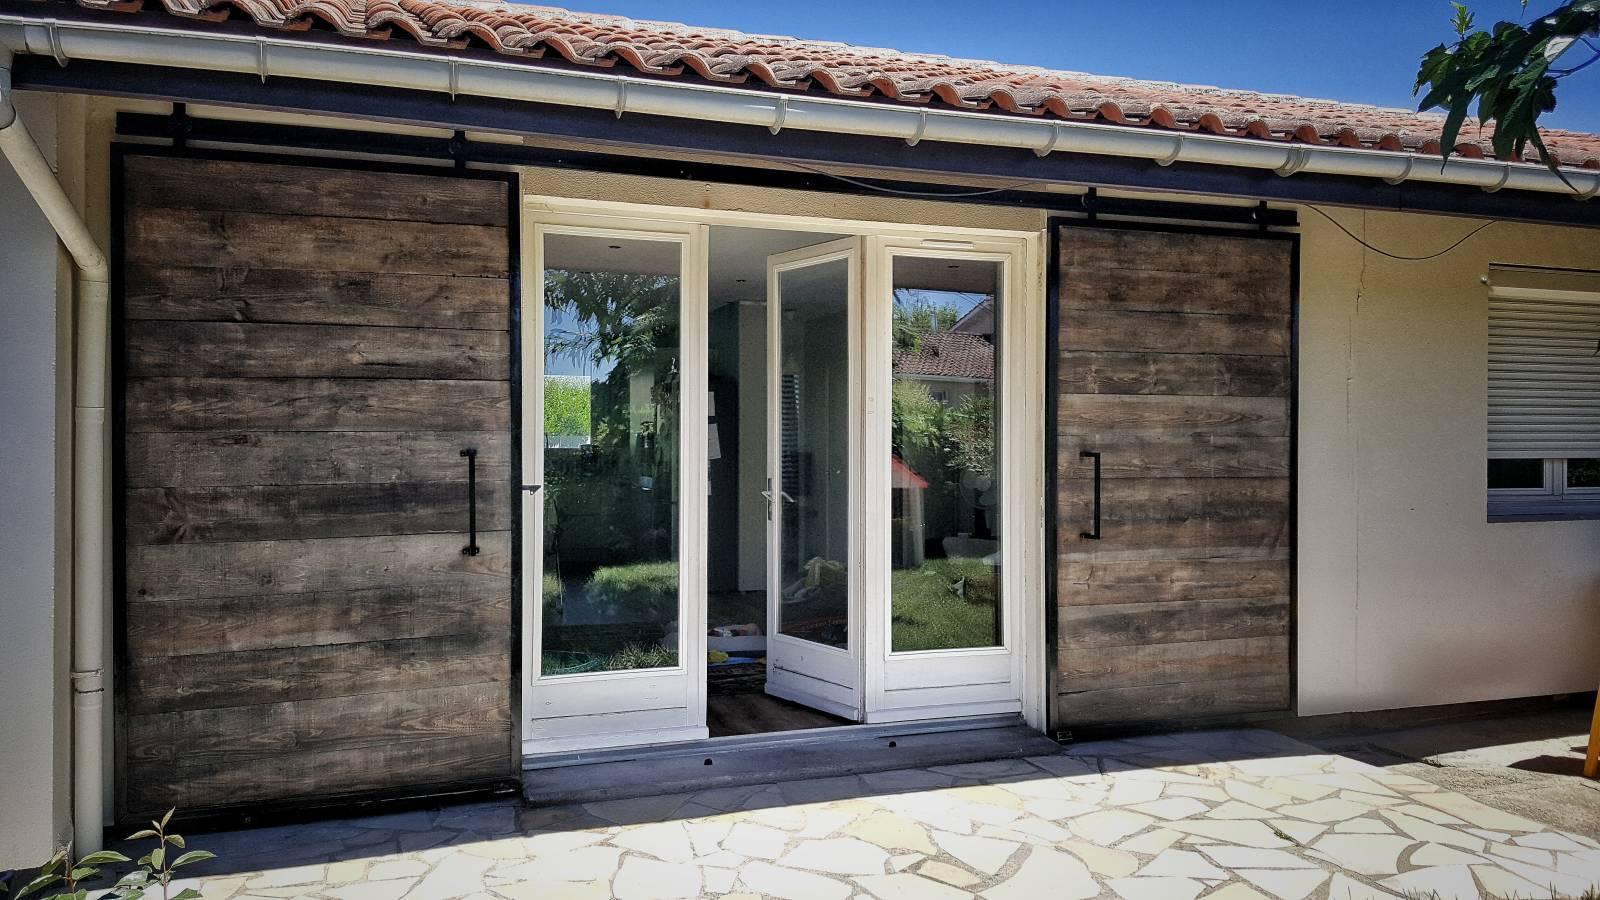 Fabrication de portes coulissantes style industriel sur mesure fabrication de mobilier bois et - Porte coulissante style industriel ...